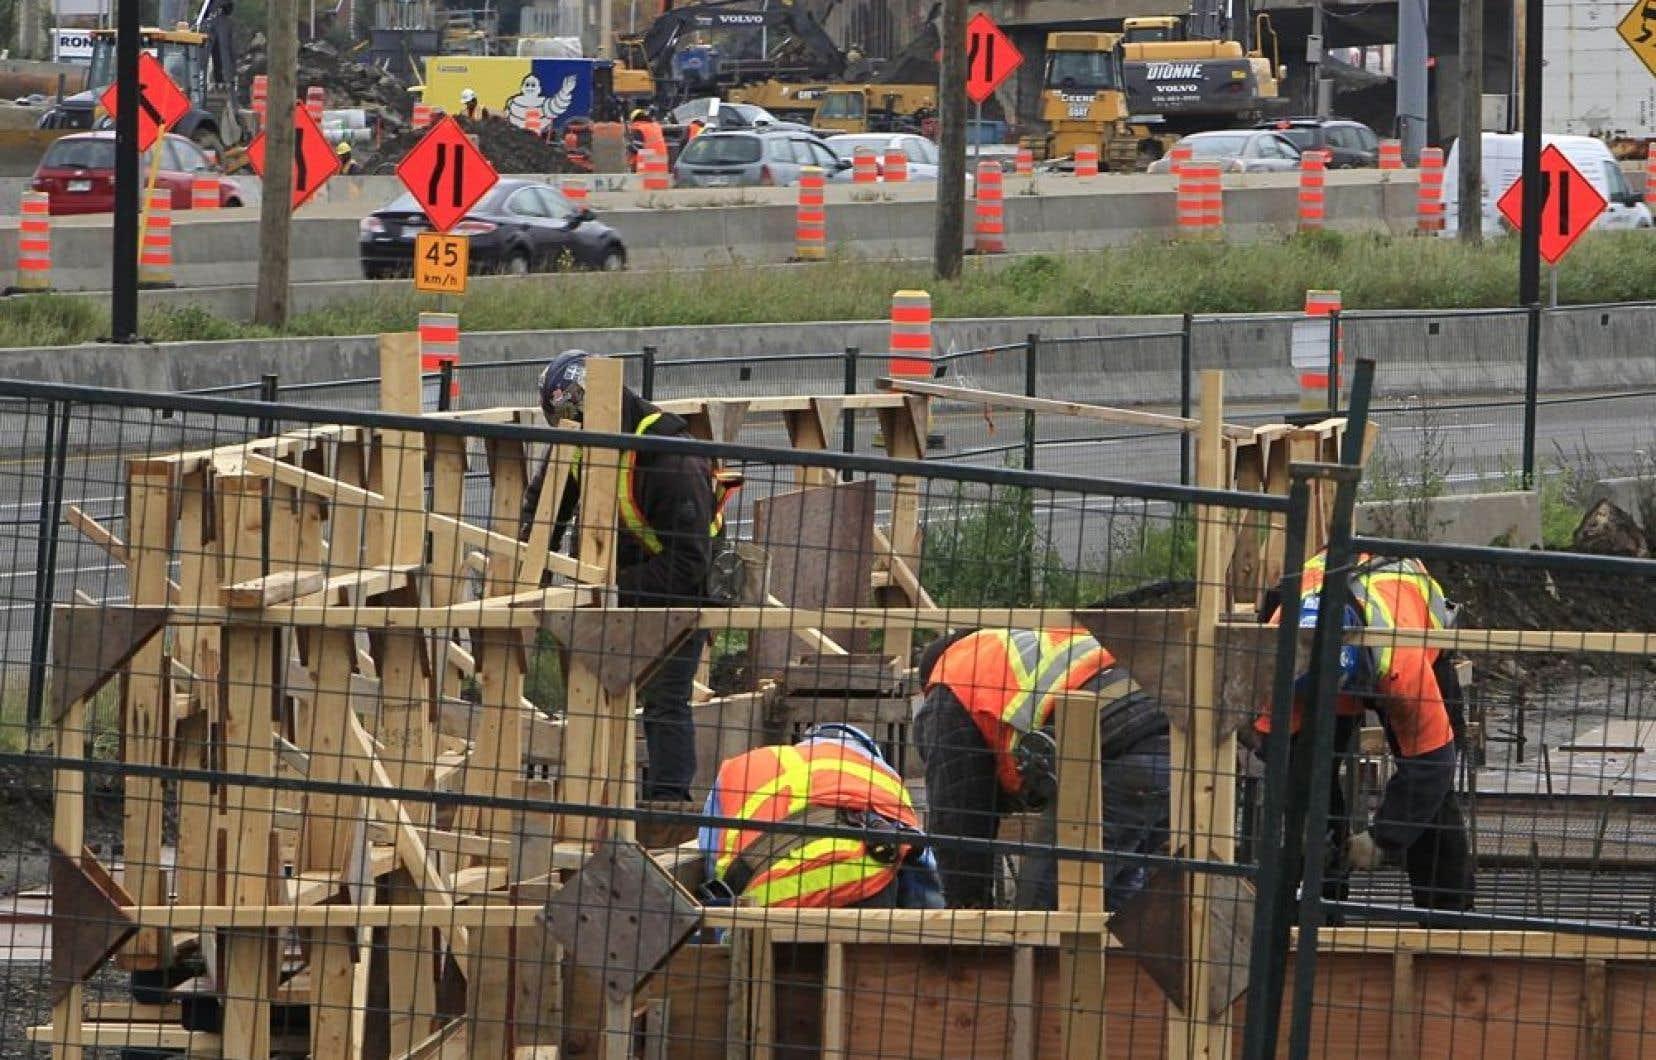 Les 175 000 travailleurs de la construction sont prêts à déclencher une grève générale illimitée le 17 juin si aucune entente n'intervenait d'ici là.